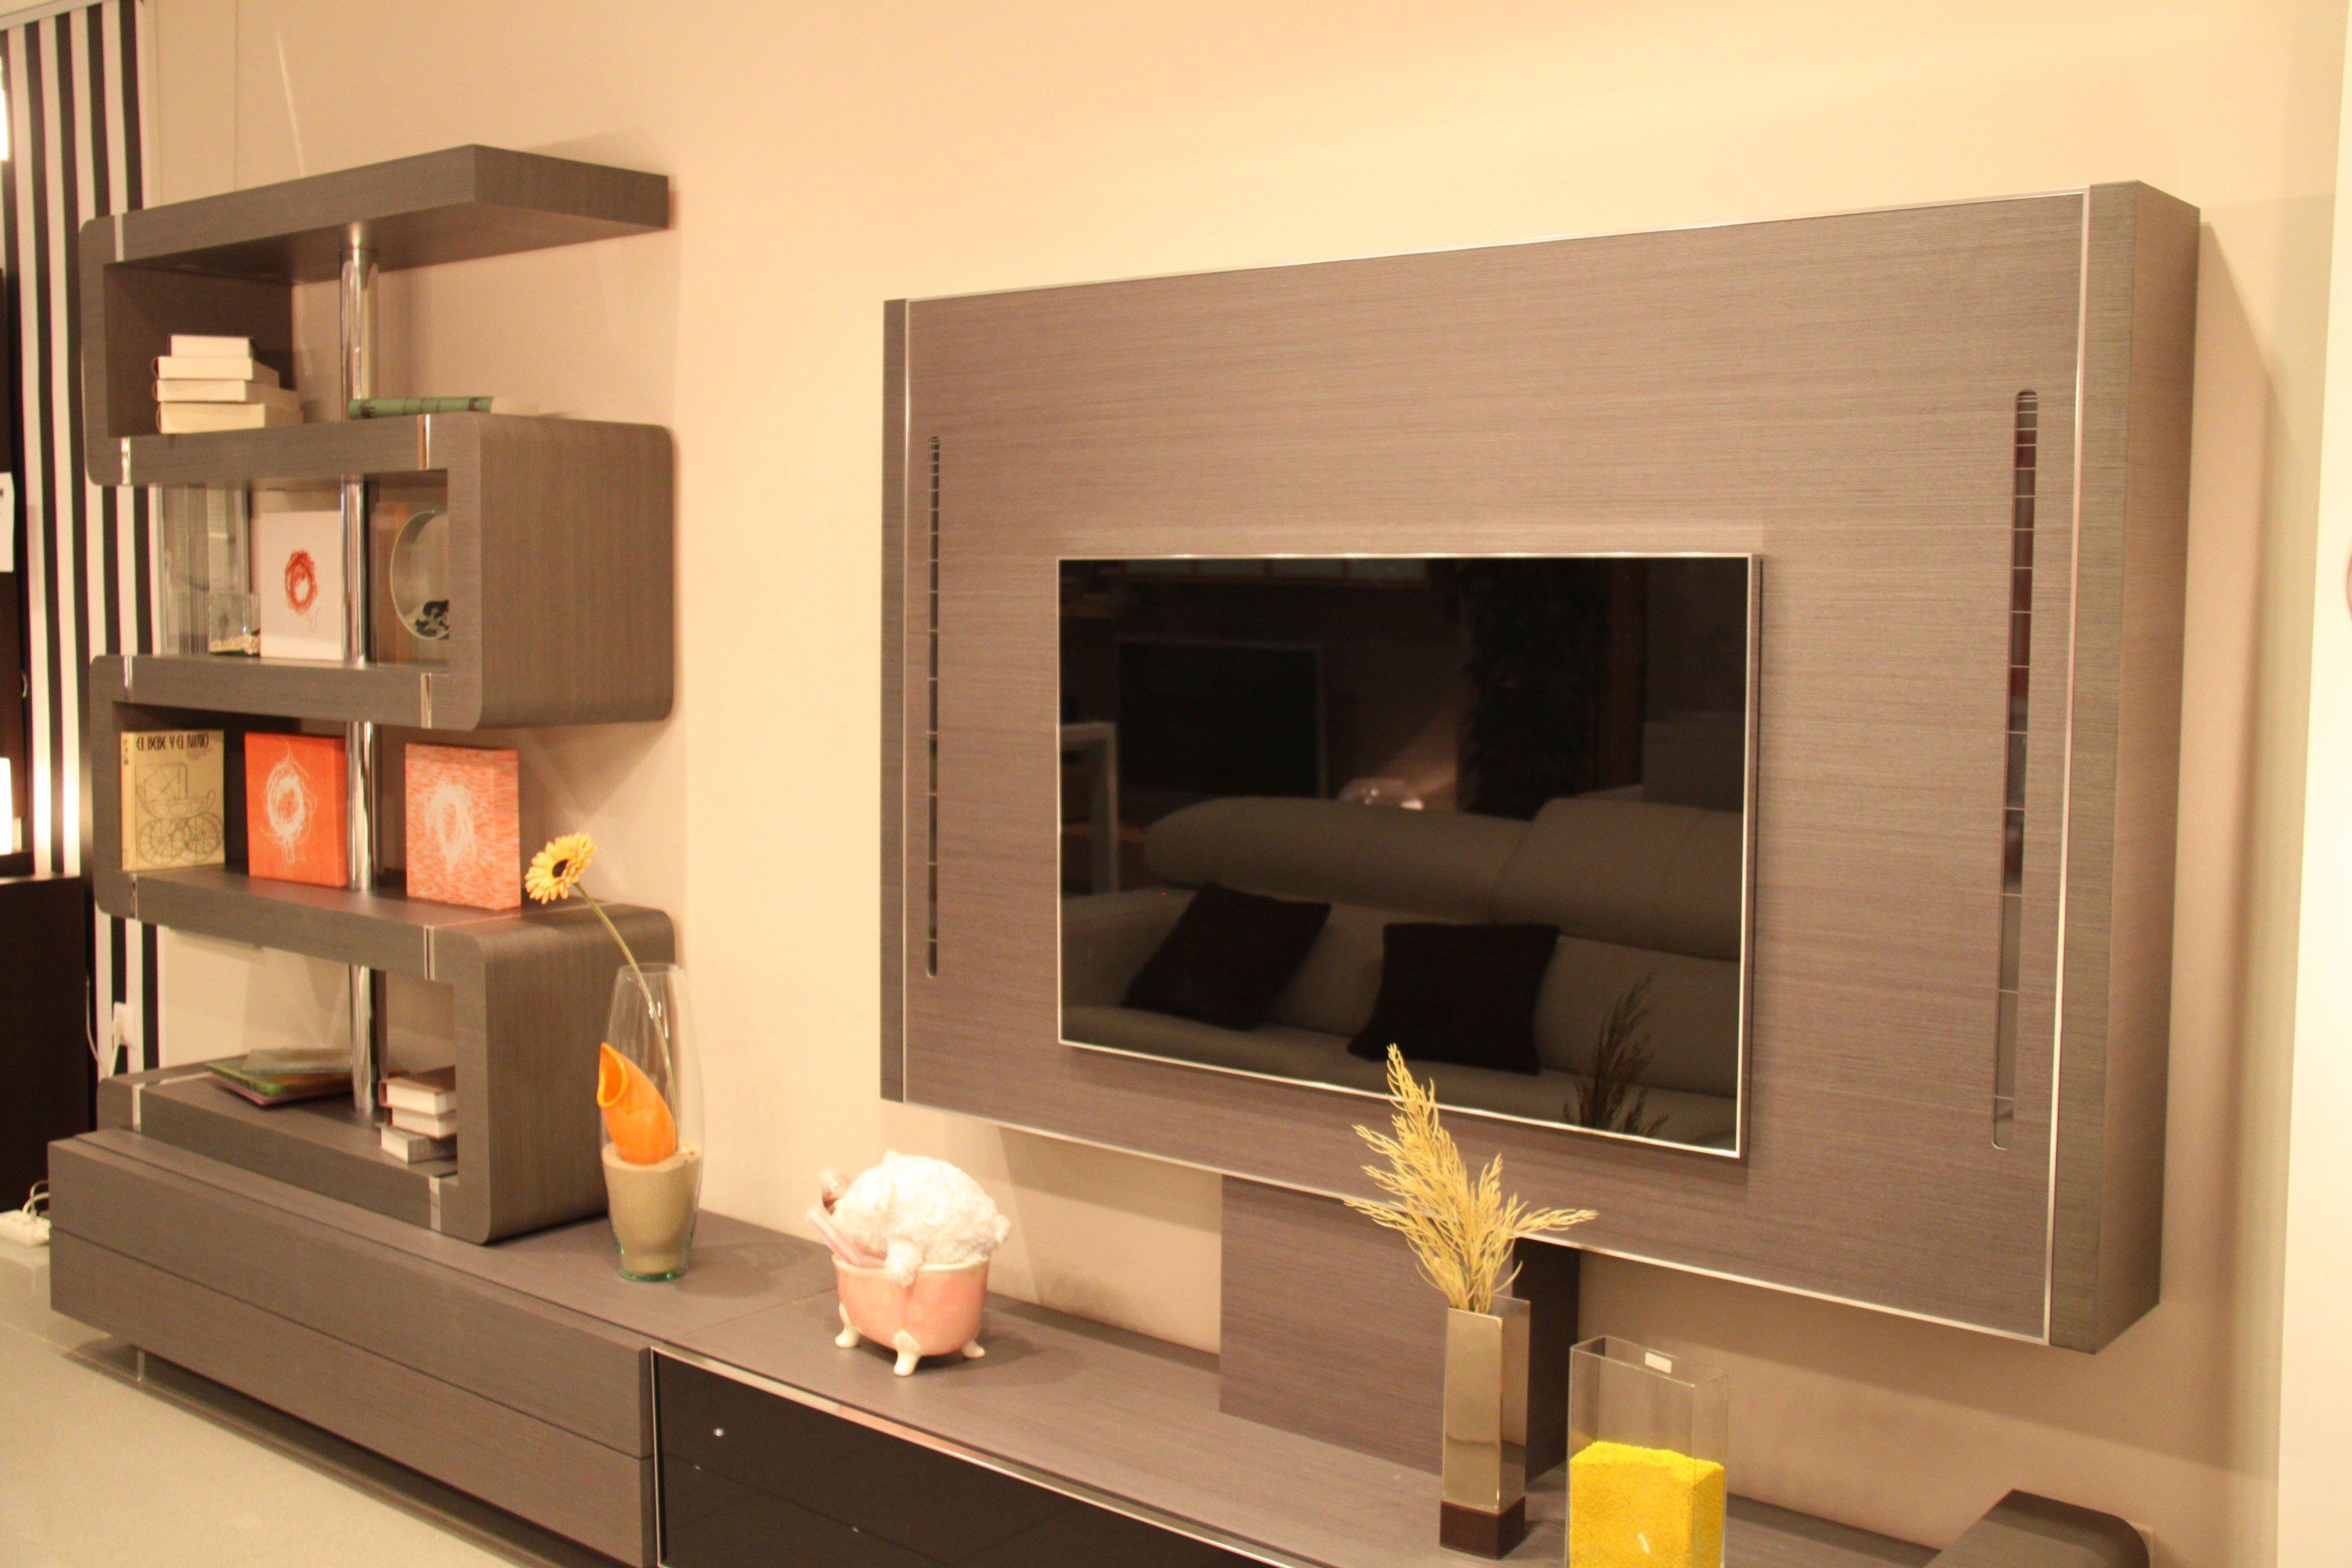 Tienda outluet de muebles derasa liquidaci n de comedores for Liquidacion muebles modernos